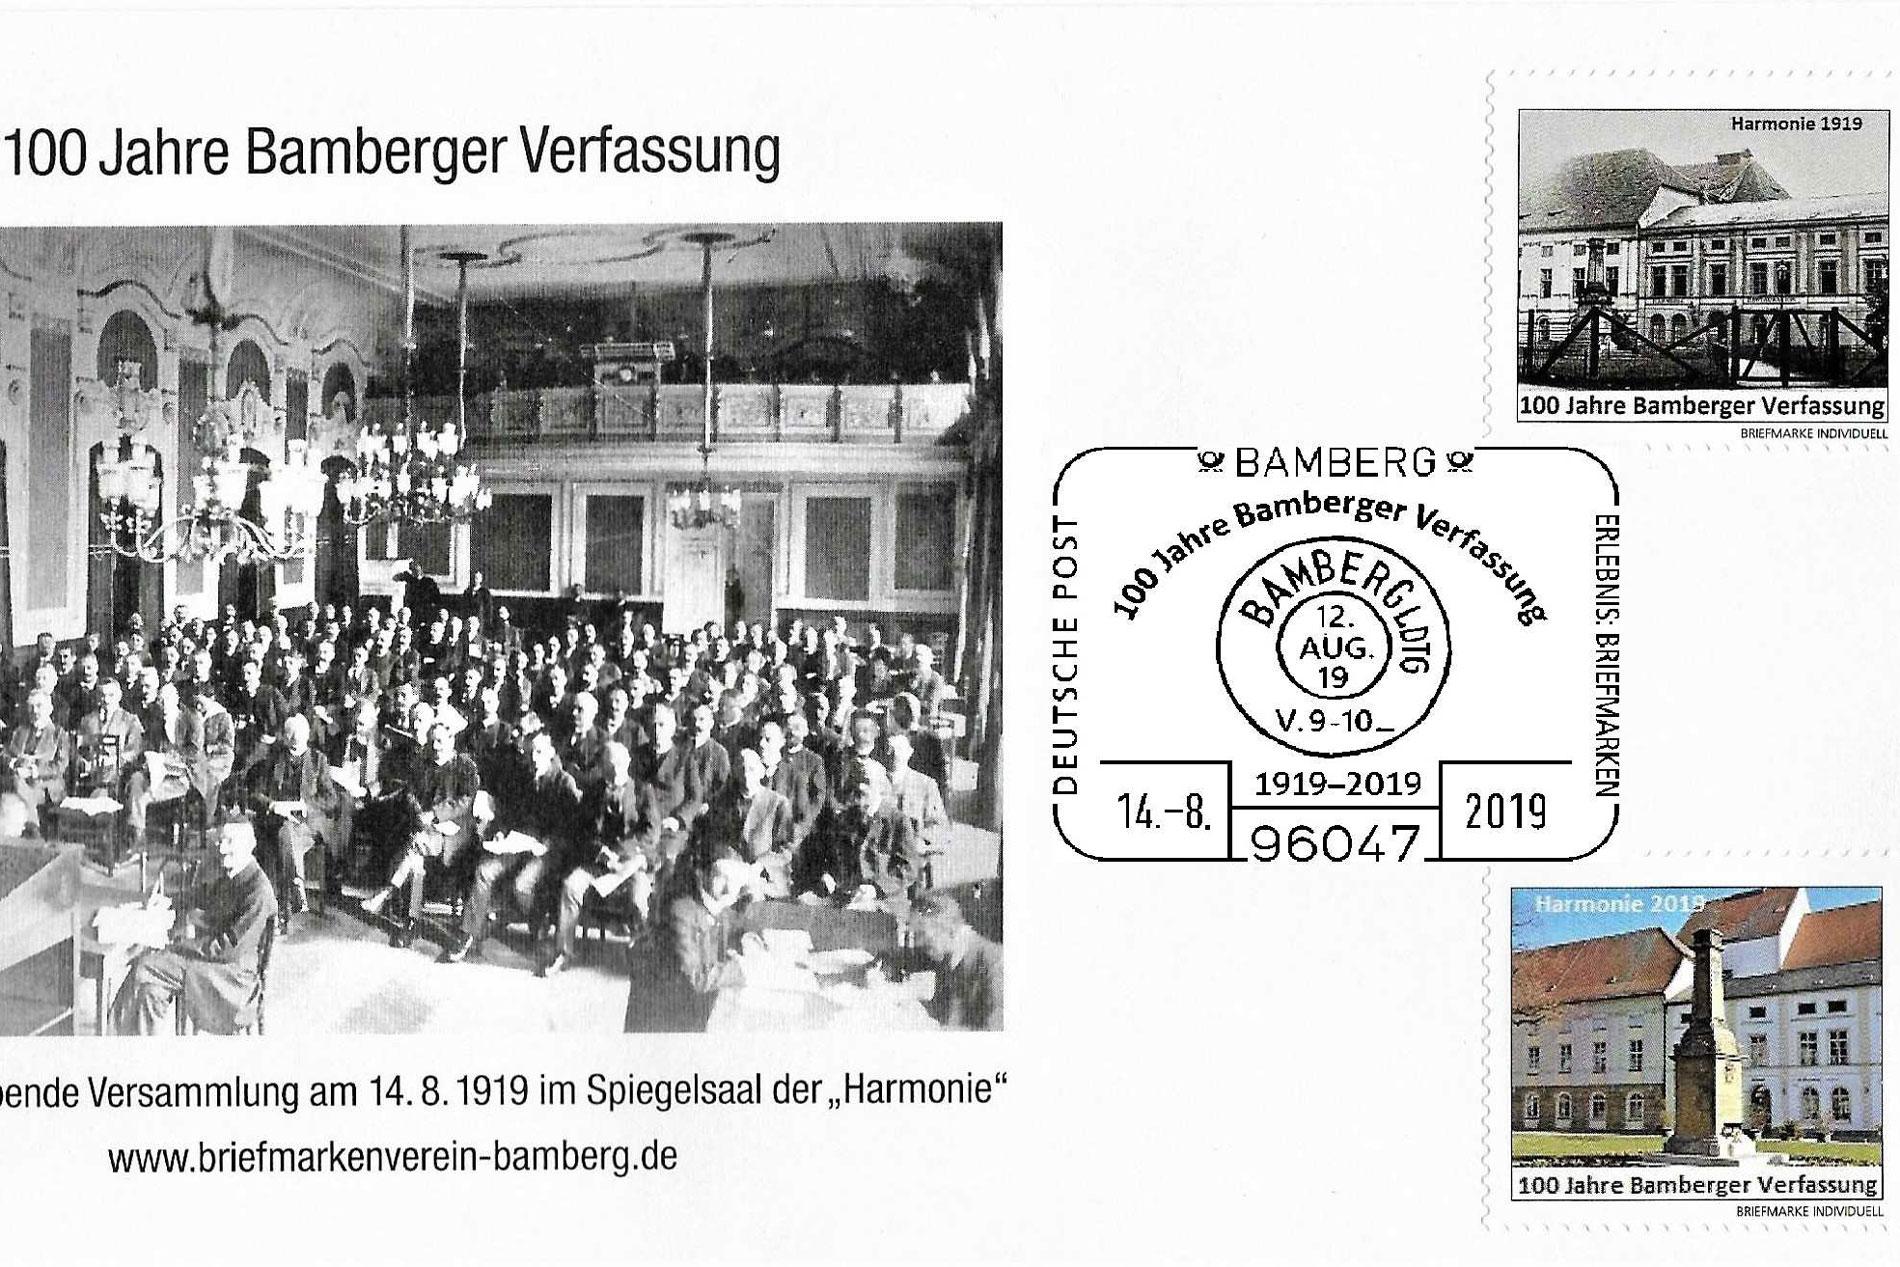 Sonderbriefmarke zu 100 Jahre Bamberger Verfassung (Foto: Stadt Bamberg)